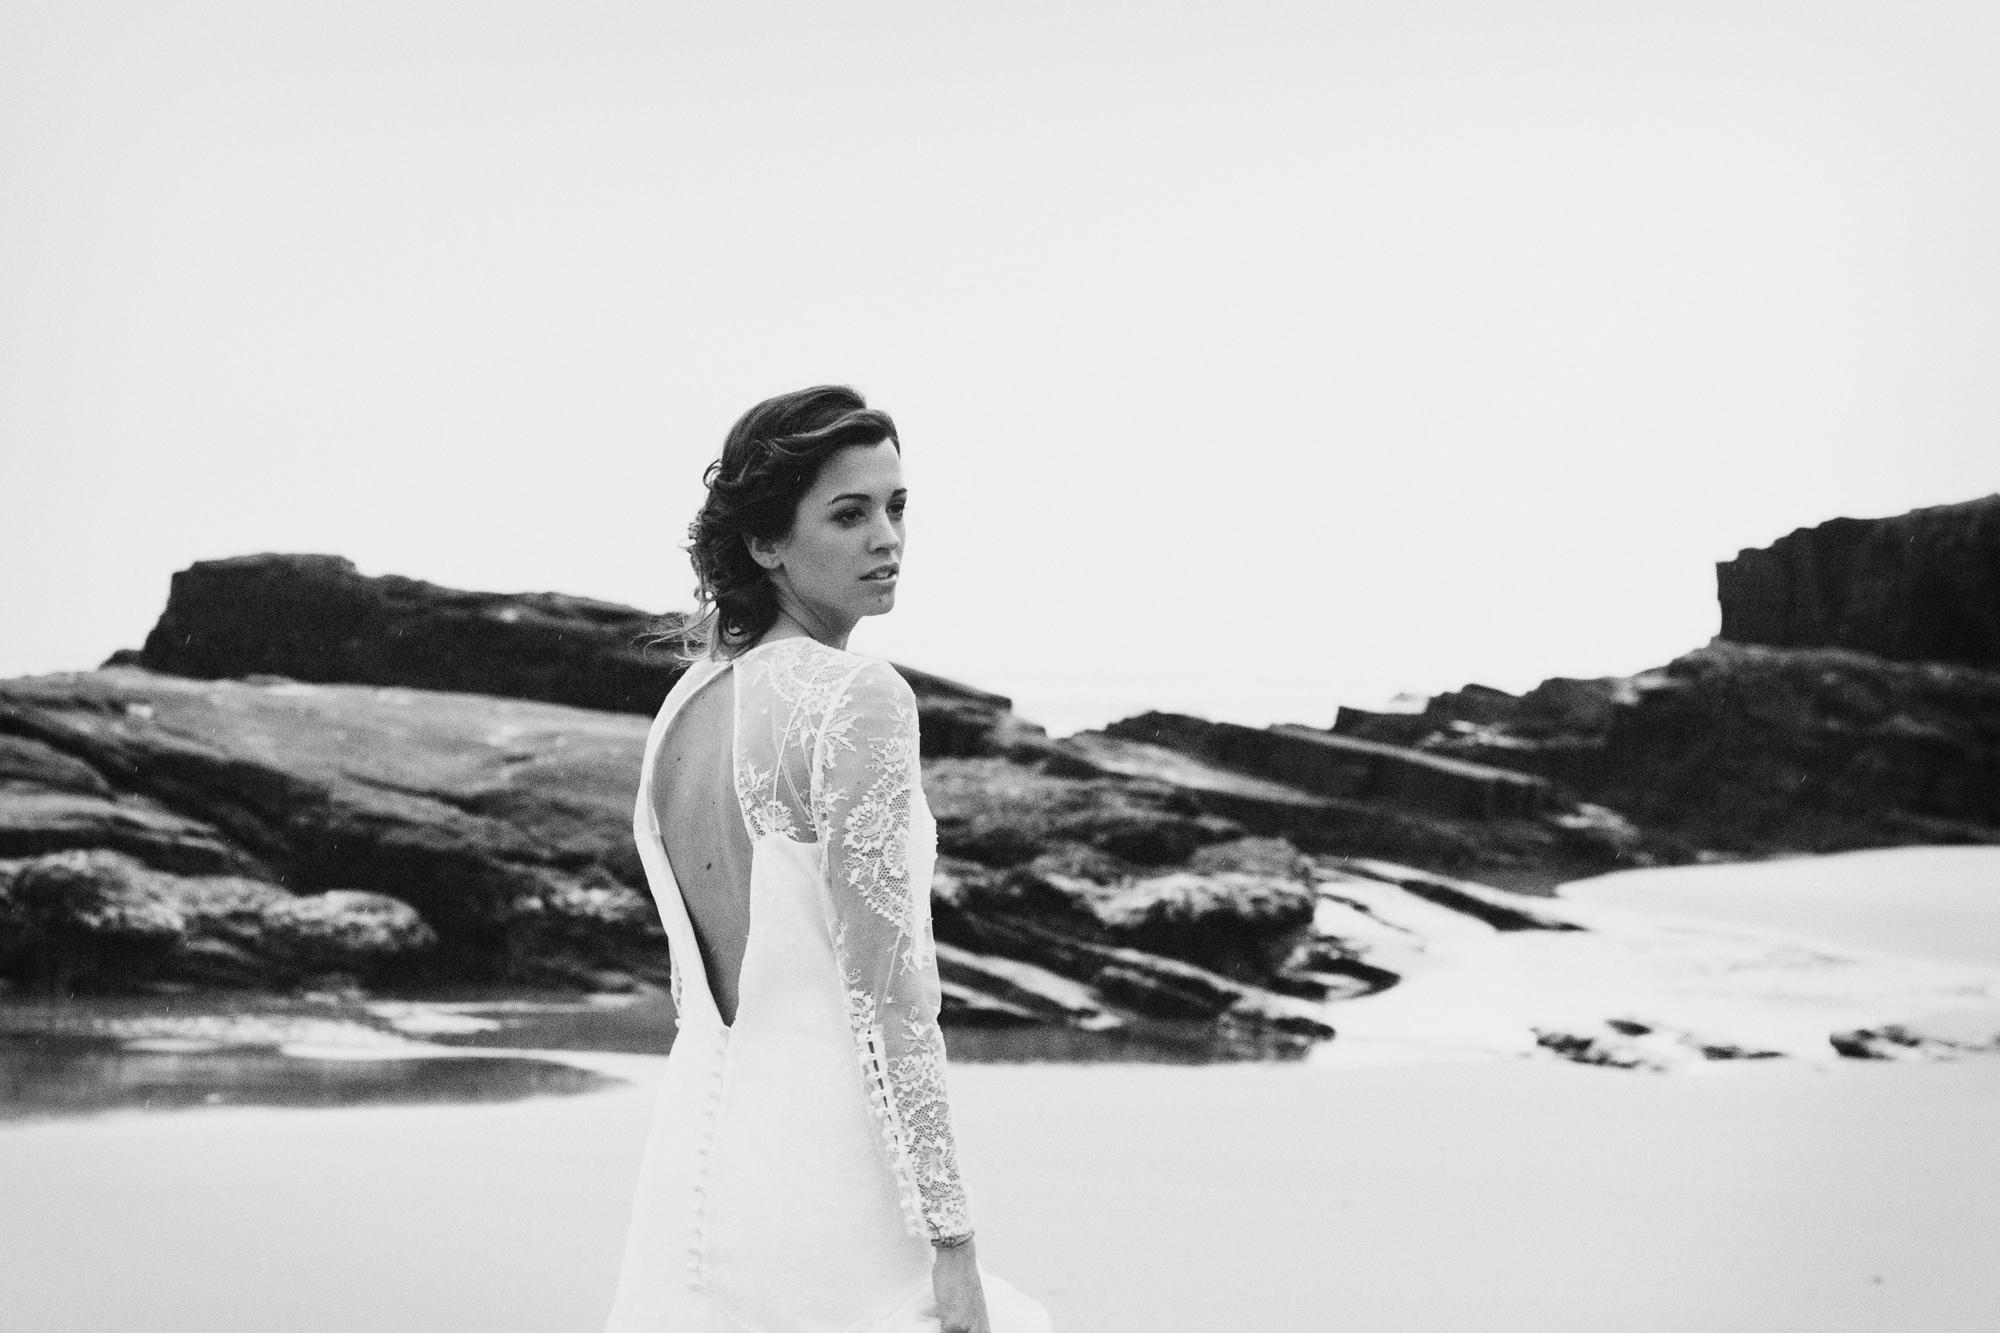 otaduy-vestidos-de-novia-editorial-14